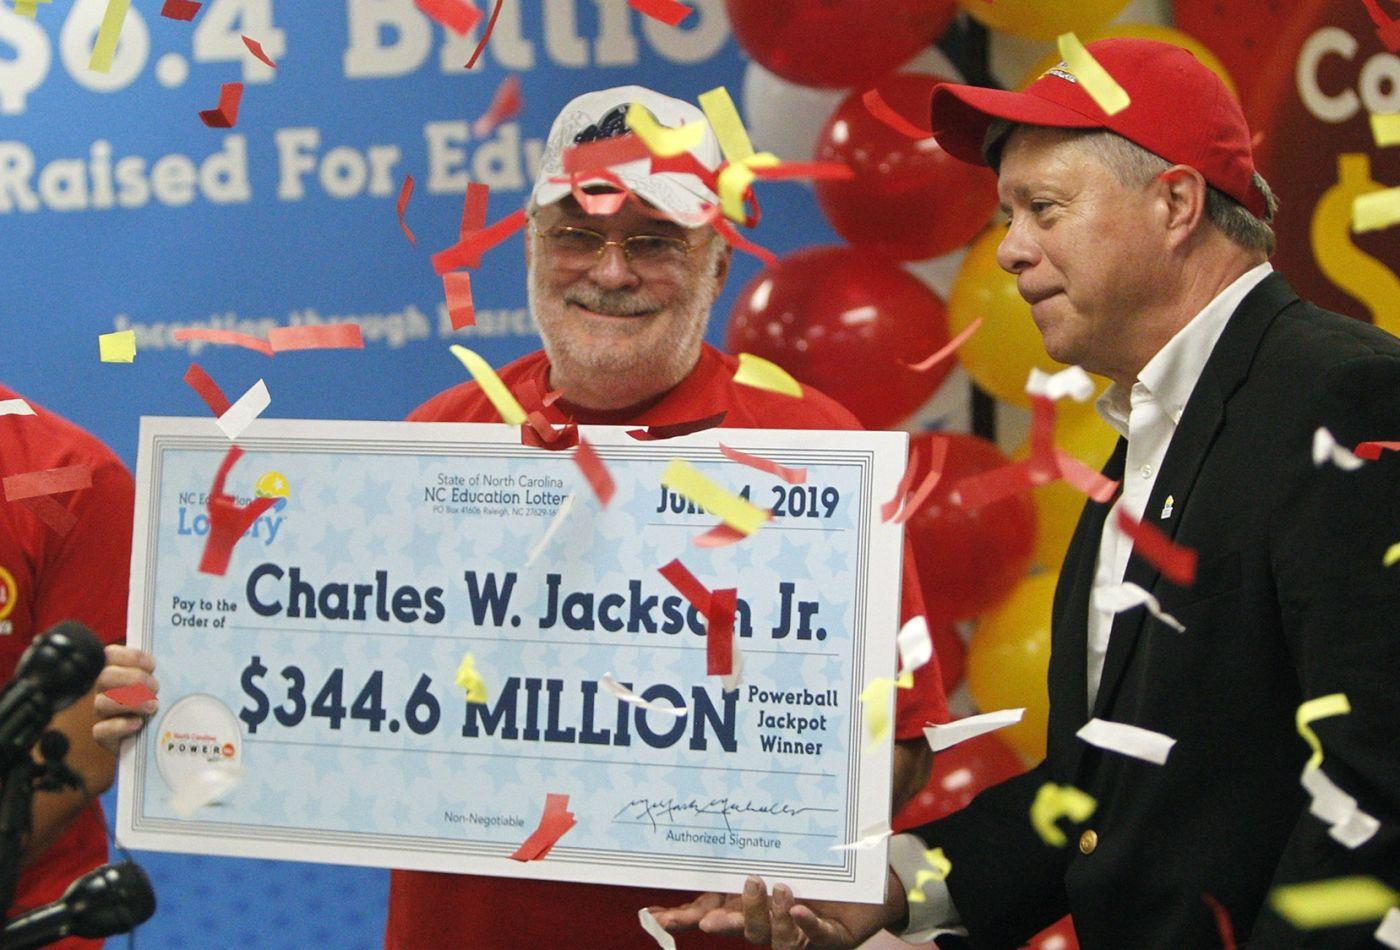 Charles Jackson gagnant de 305 Millions d'euros à la loterie Powerball le 4 juin